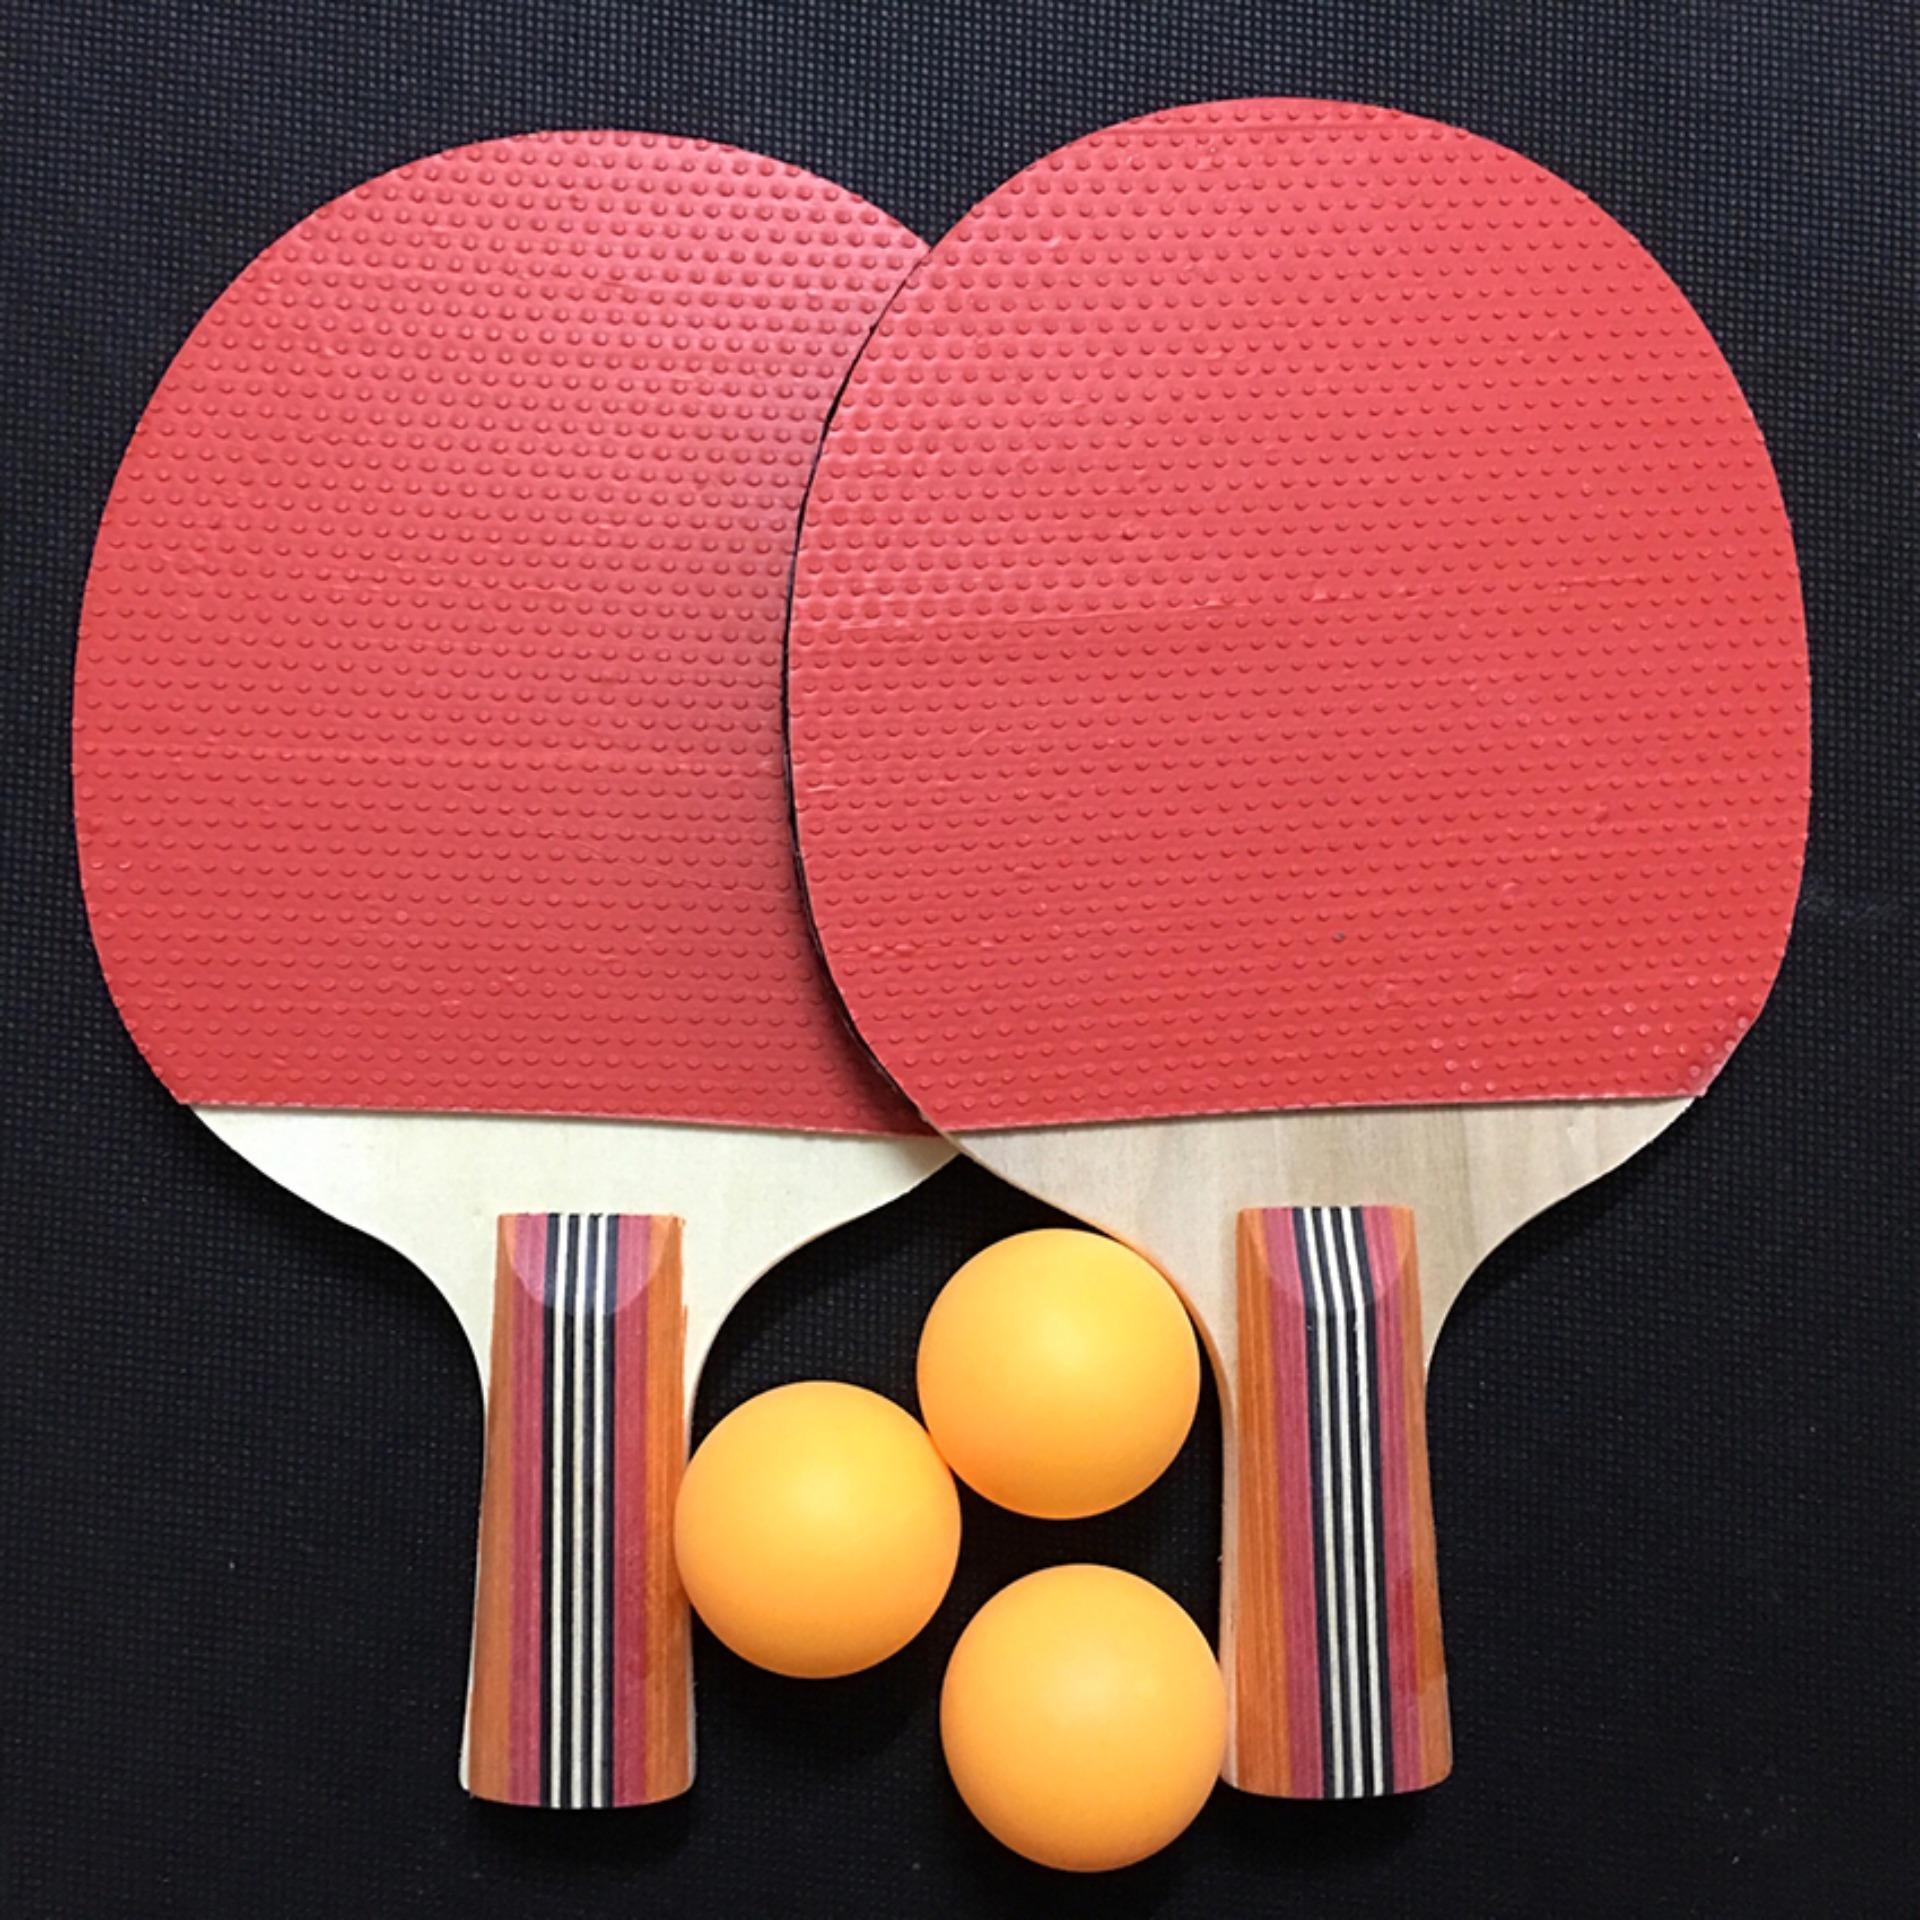 Shop bán Bộ vợt bóng bàn cao cấp kèm 3 bóng bền đẹp LX-2162 giá ...